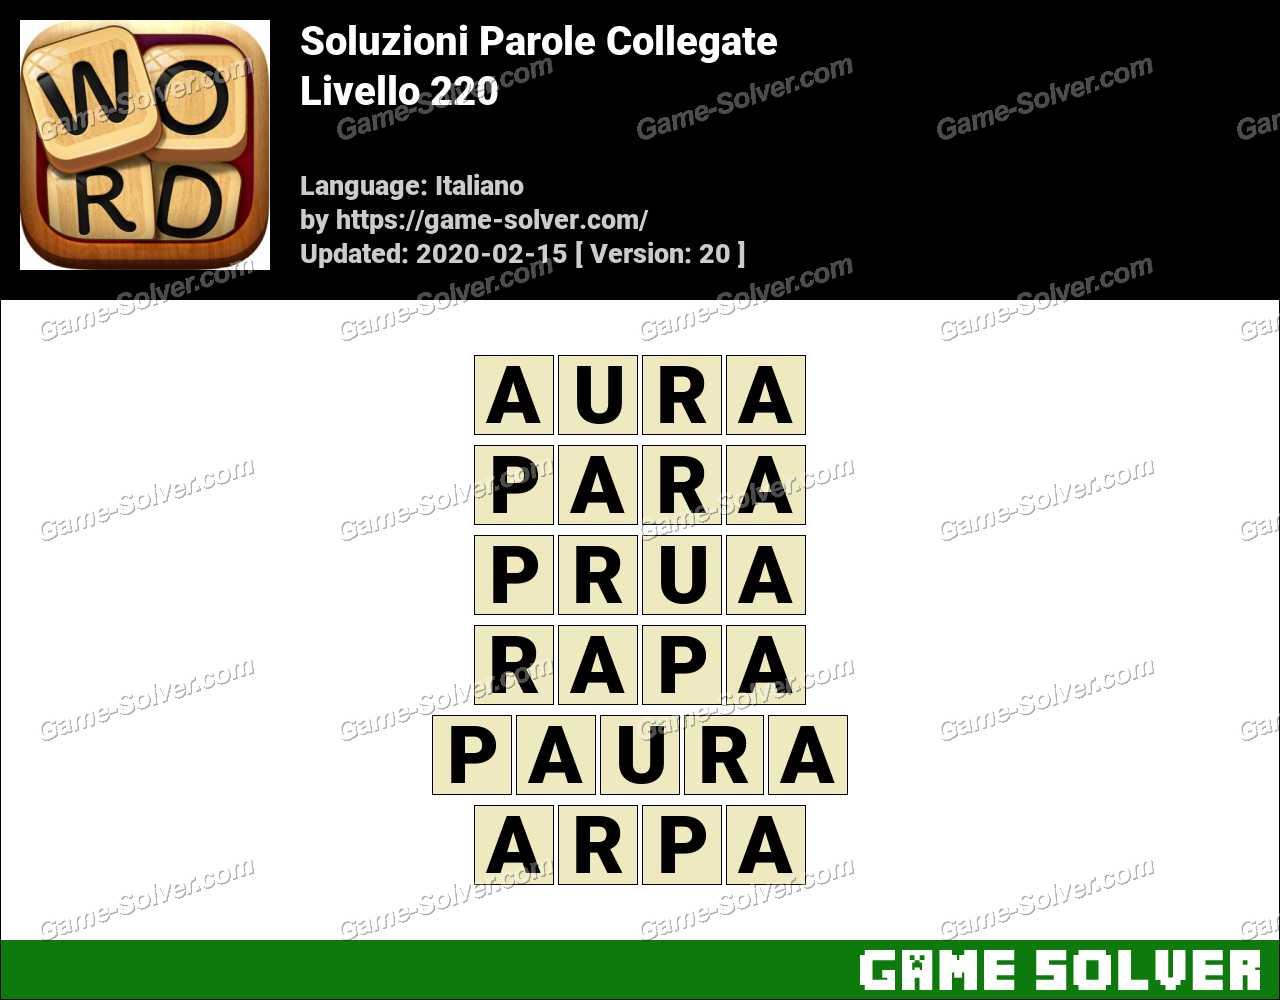 Soluzioni Parole Collegate Livello 220